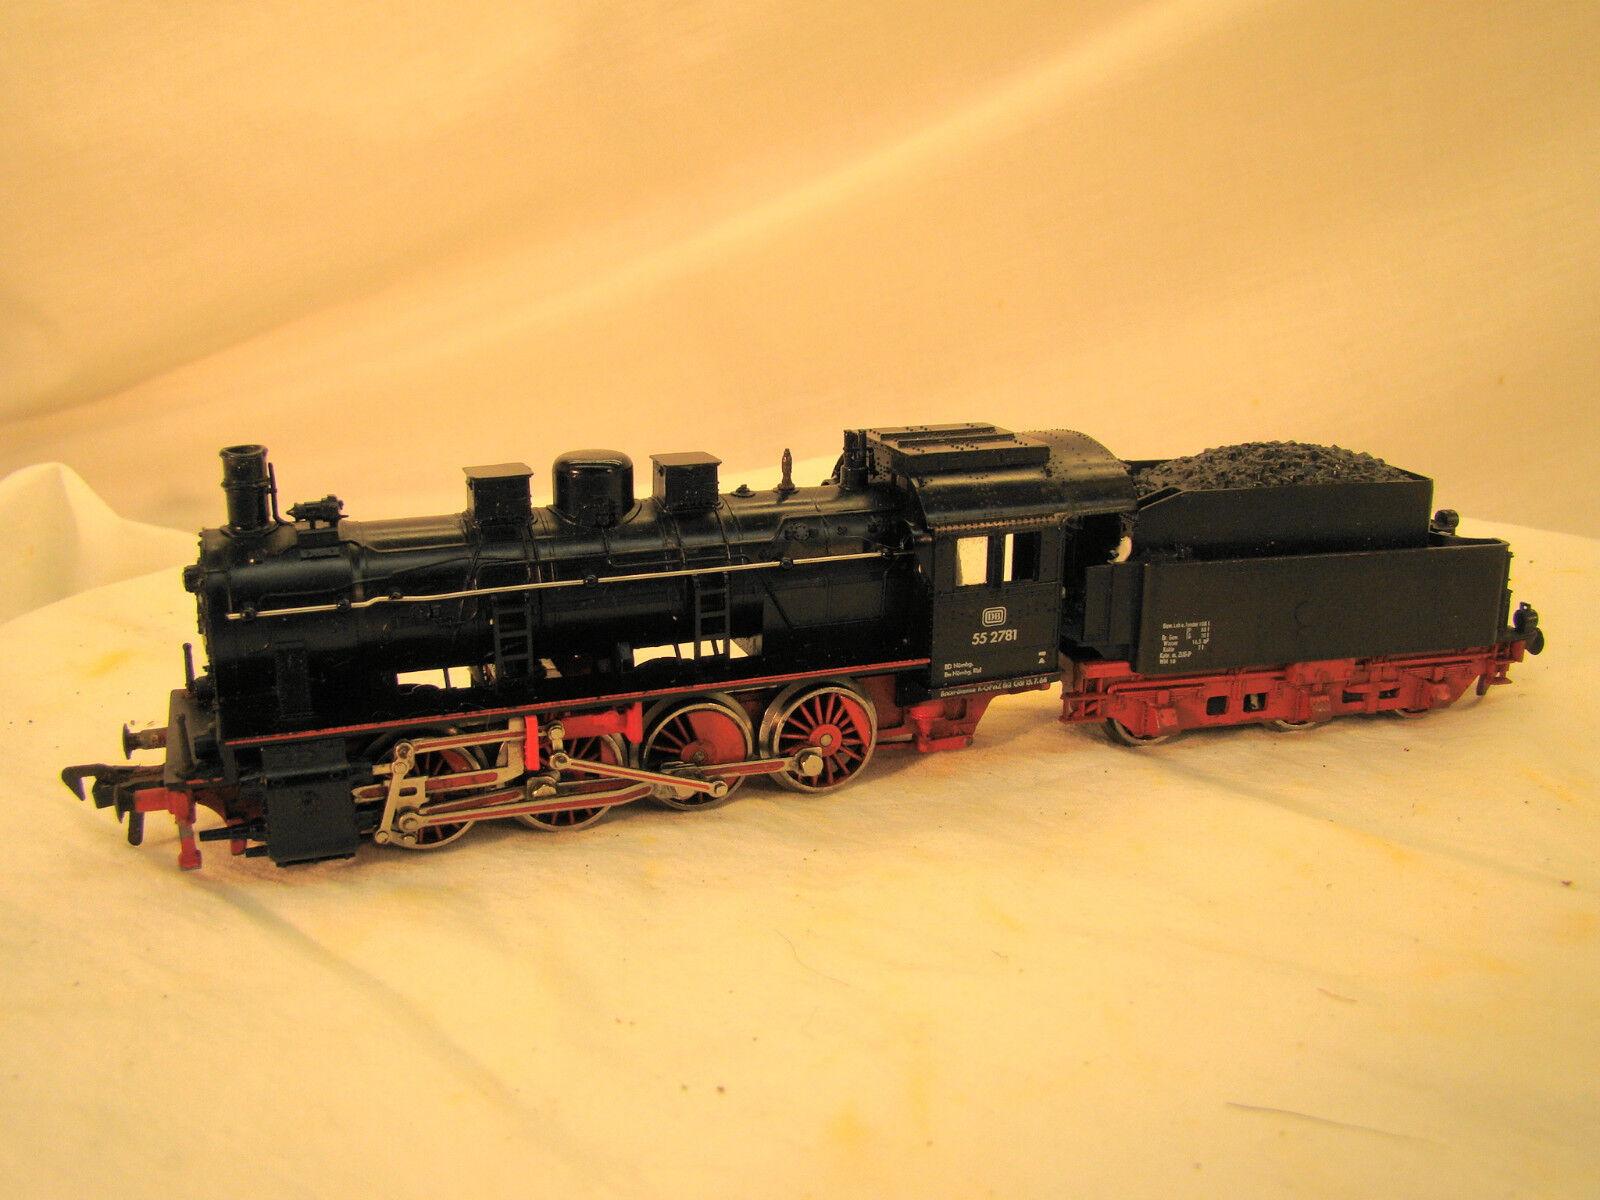 2-8-0 Fleischmann Steam Locomotive - smooth runner - completely serviced/tested